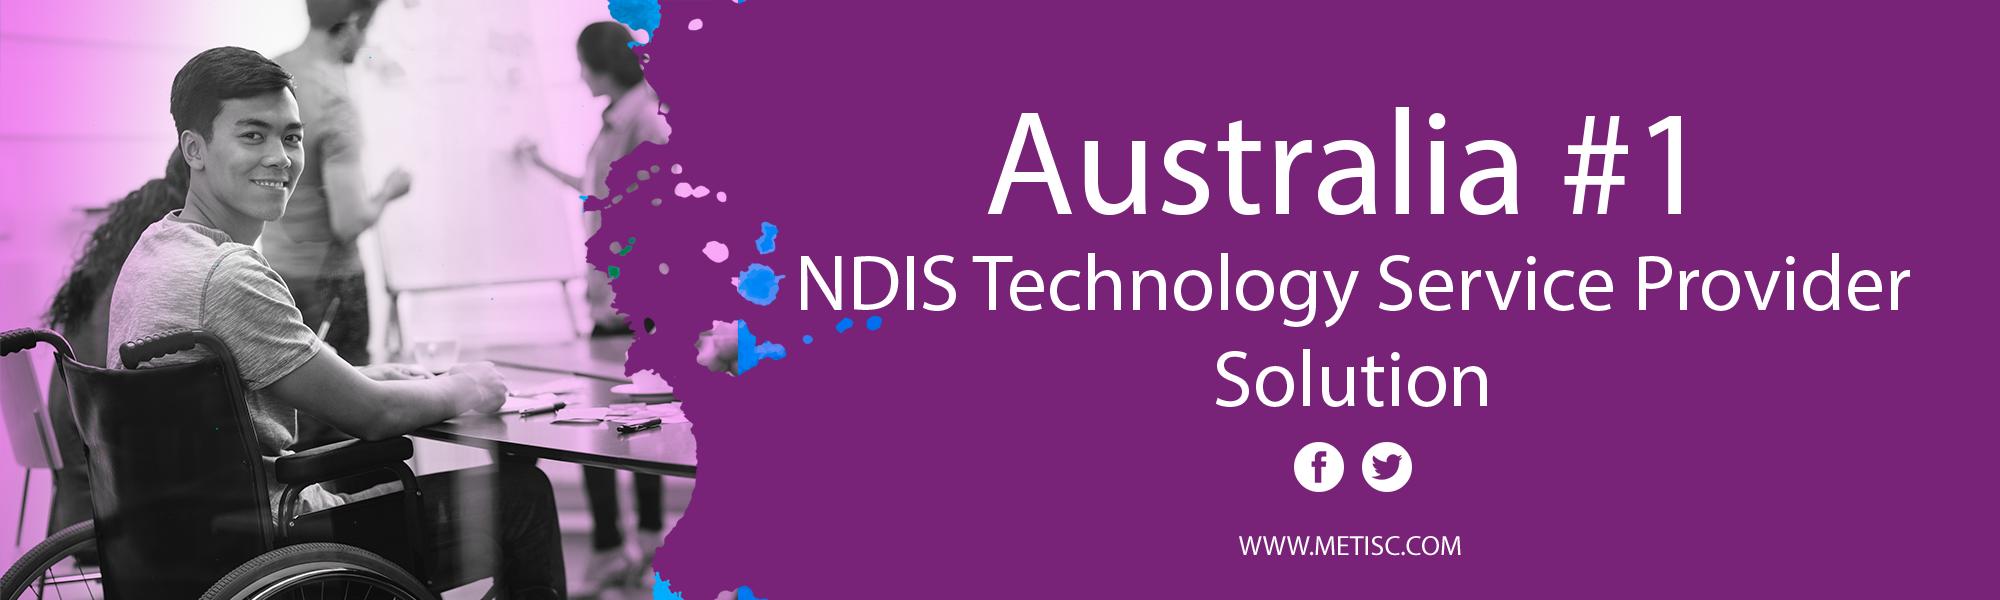 Australia Technology NDIS Provider